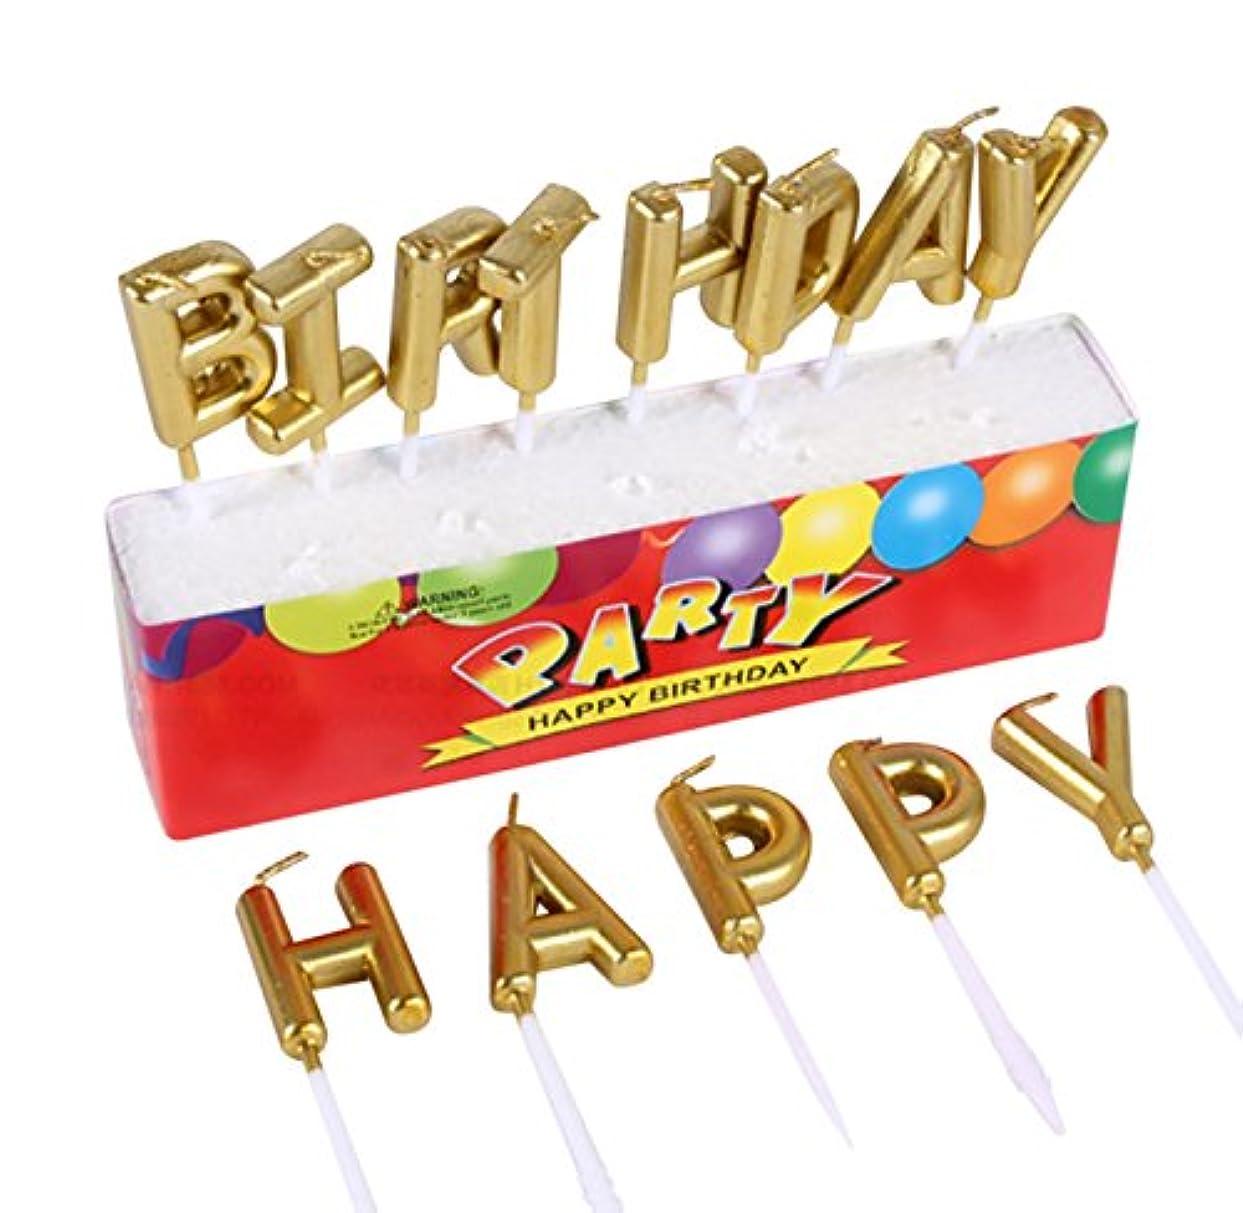 リレー発表するポンペイBirthday キャンドル 金色 お誕生日 ハッピー バースデー